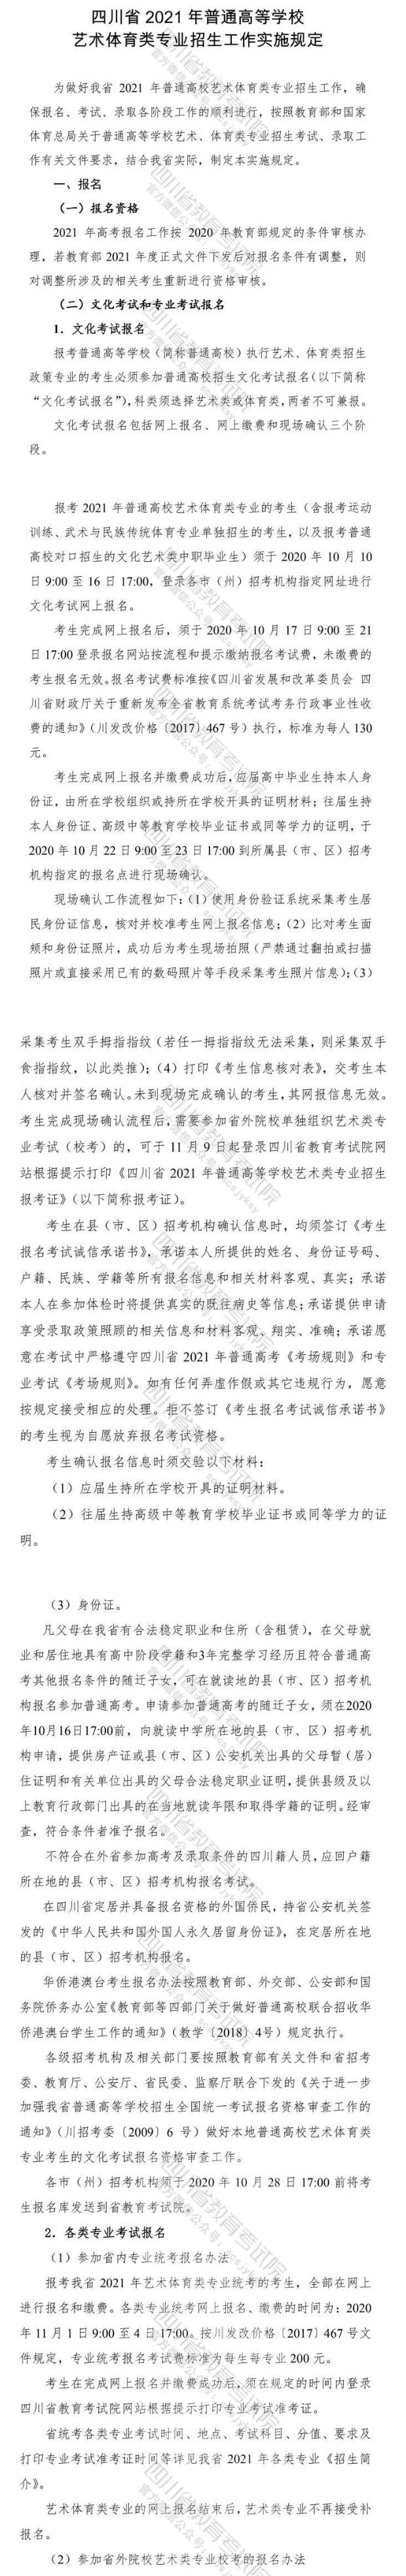 2021年四川普通高等学校艺术体育类专业招生工作实施规定出炉!图1